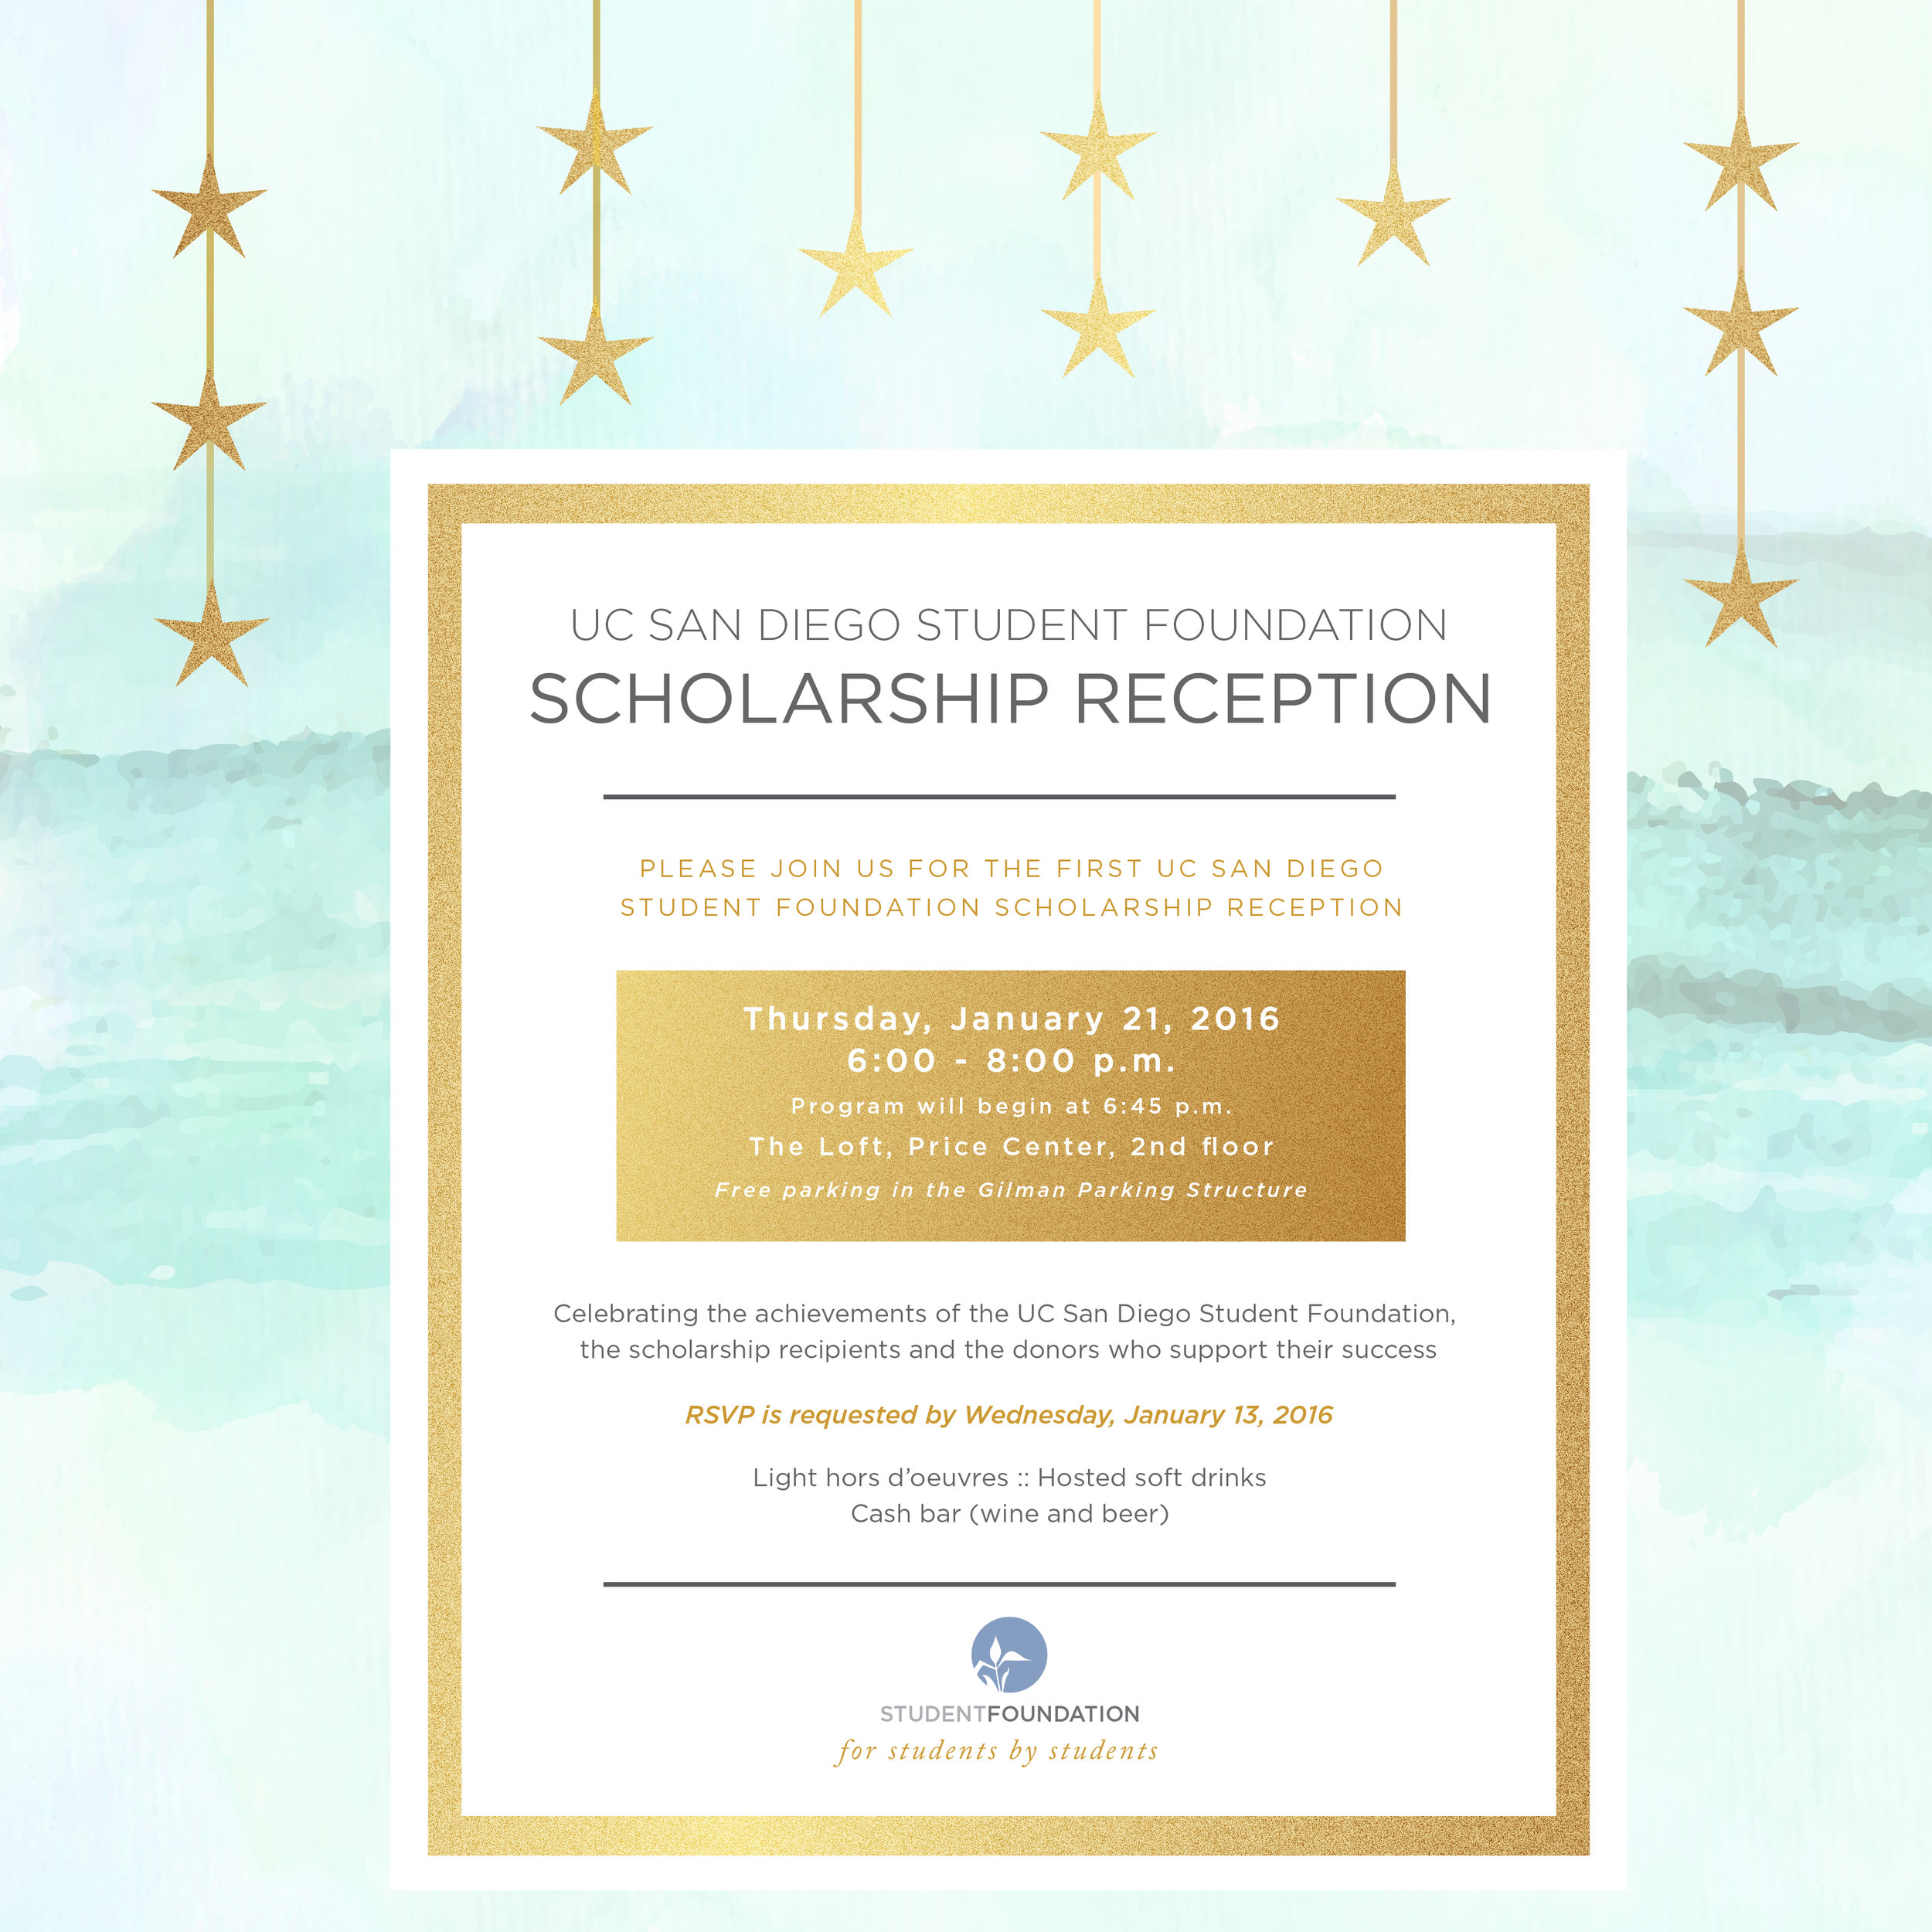 Scholarship_Invite_2016_02 (002).jpg